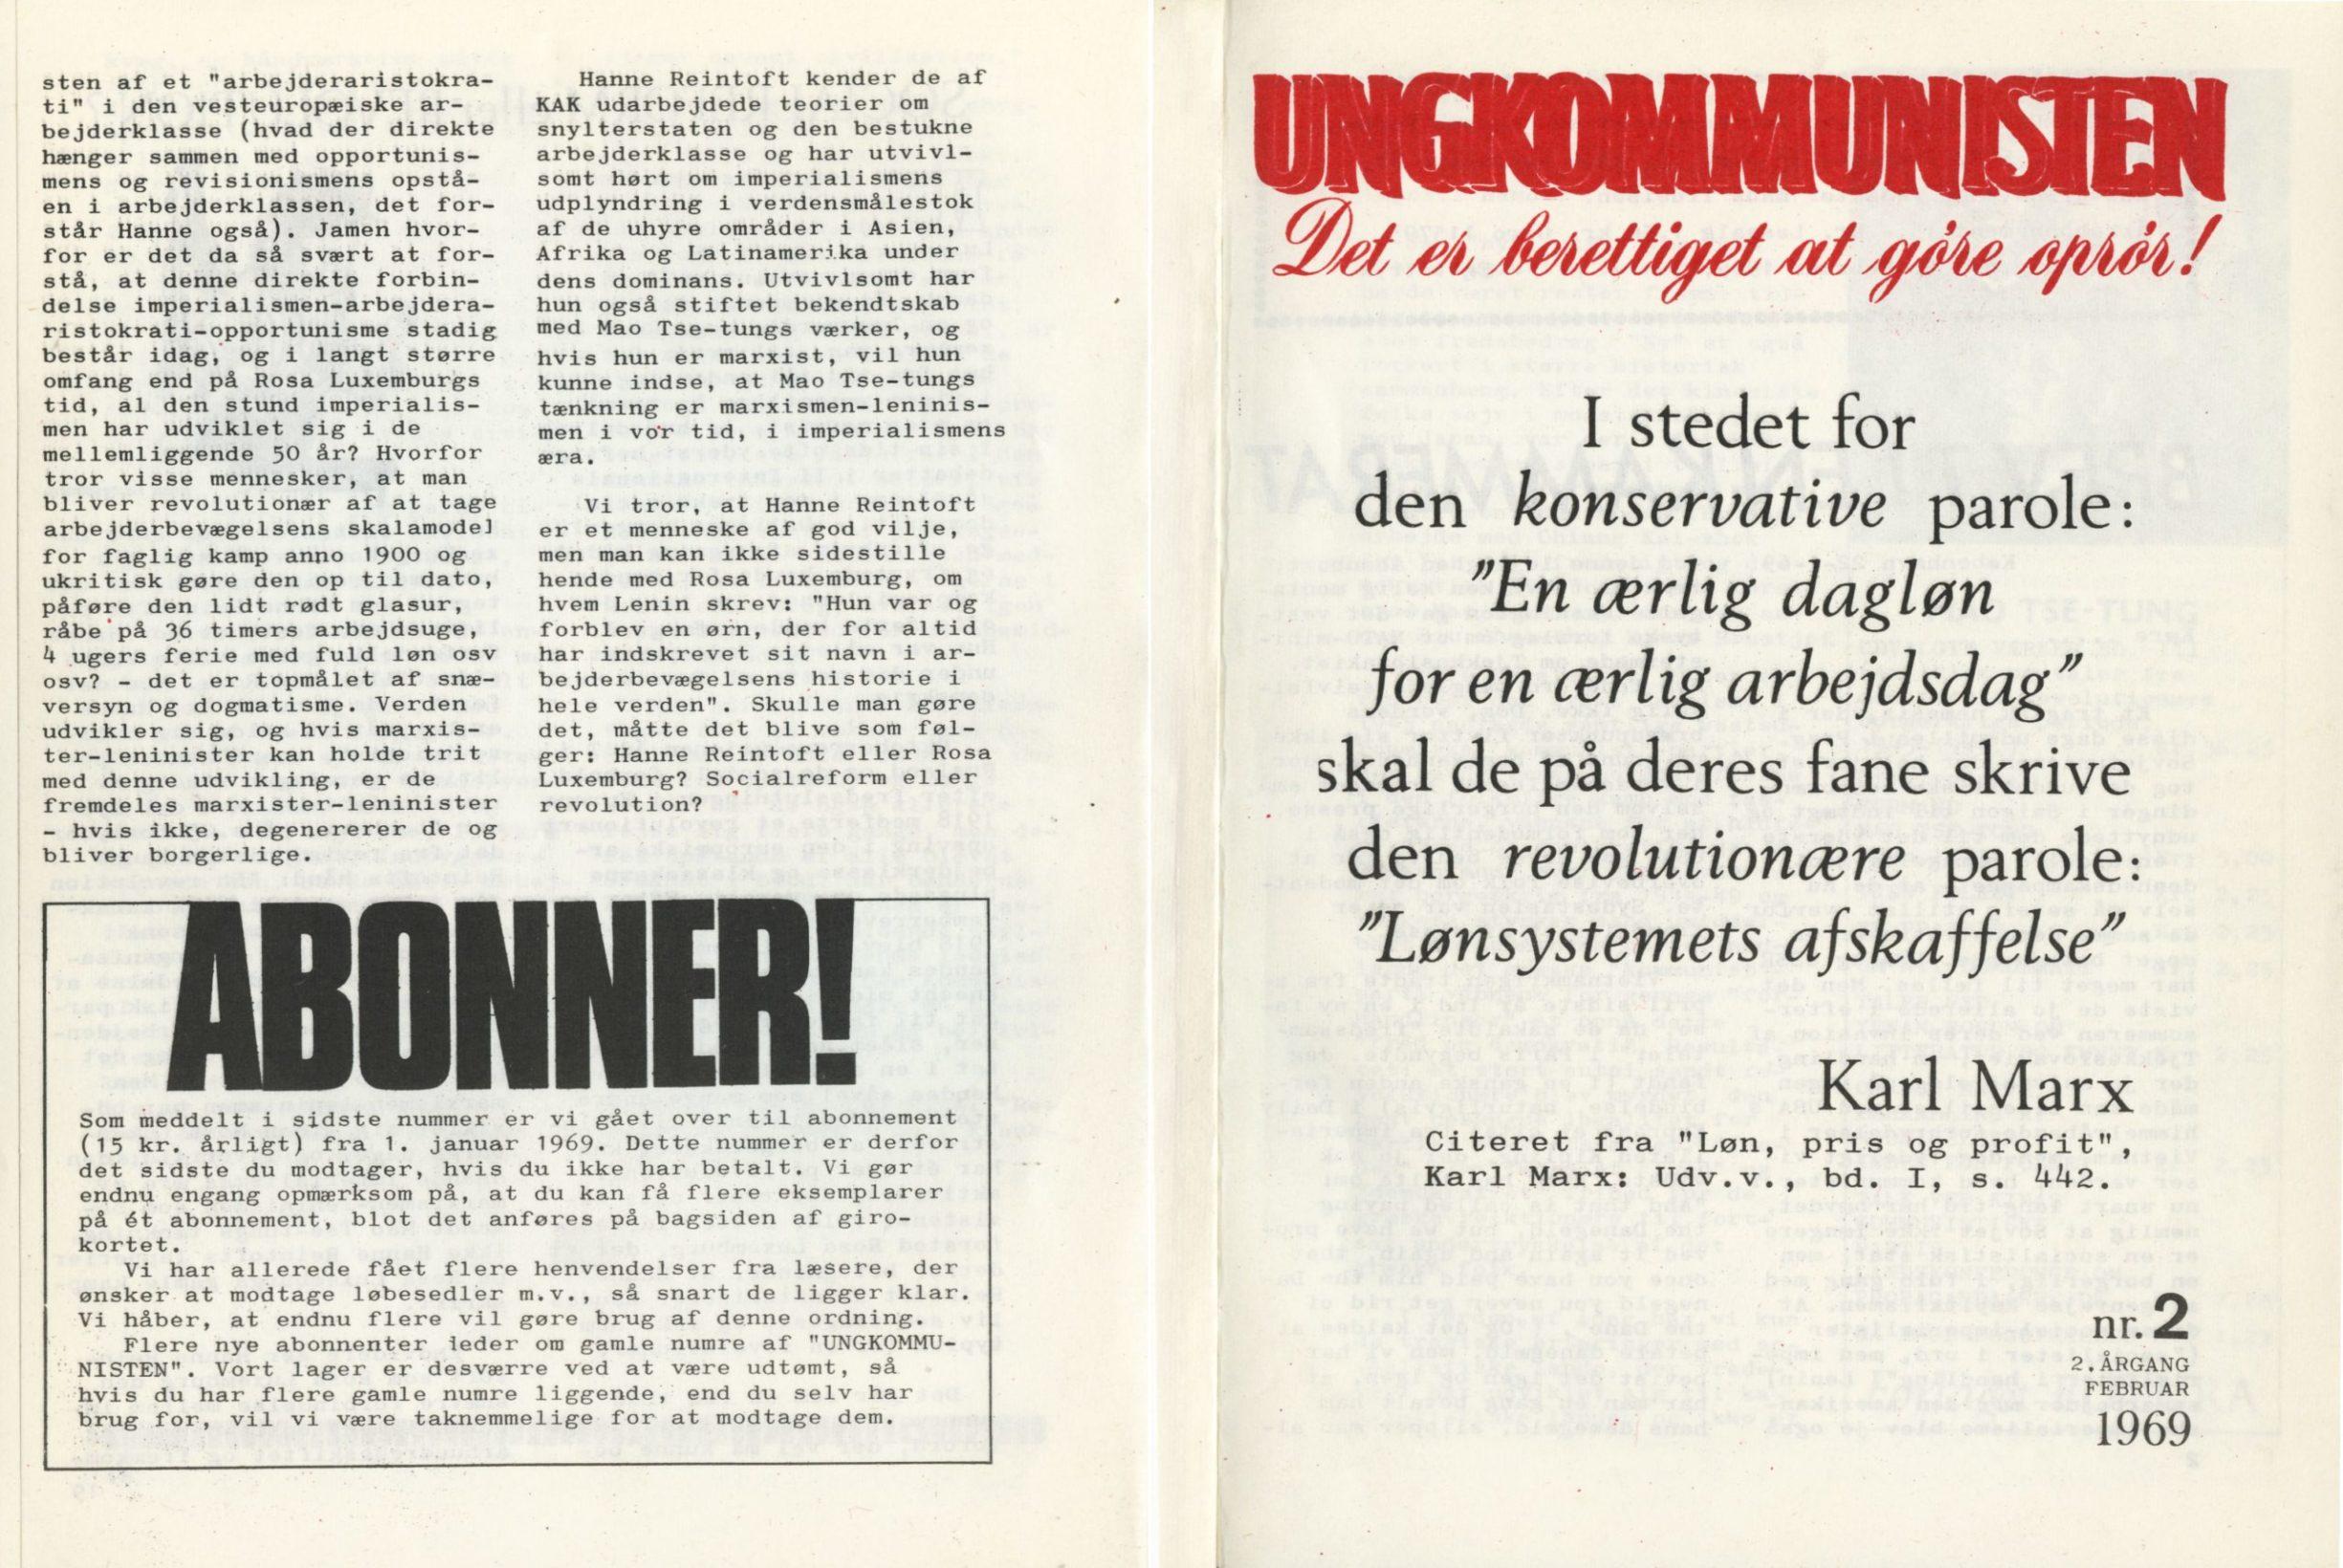 Ungkommunisten1969, nr. 2, For- og Bagside.